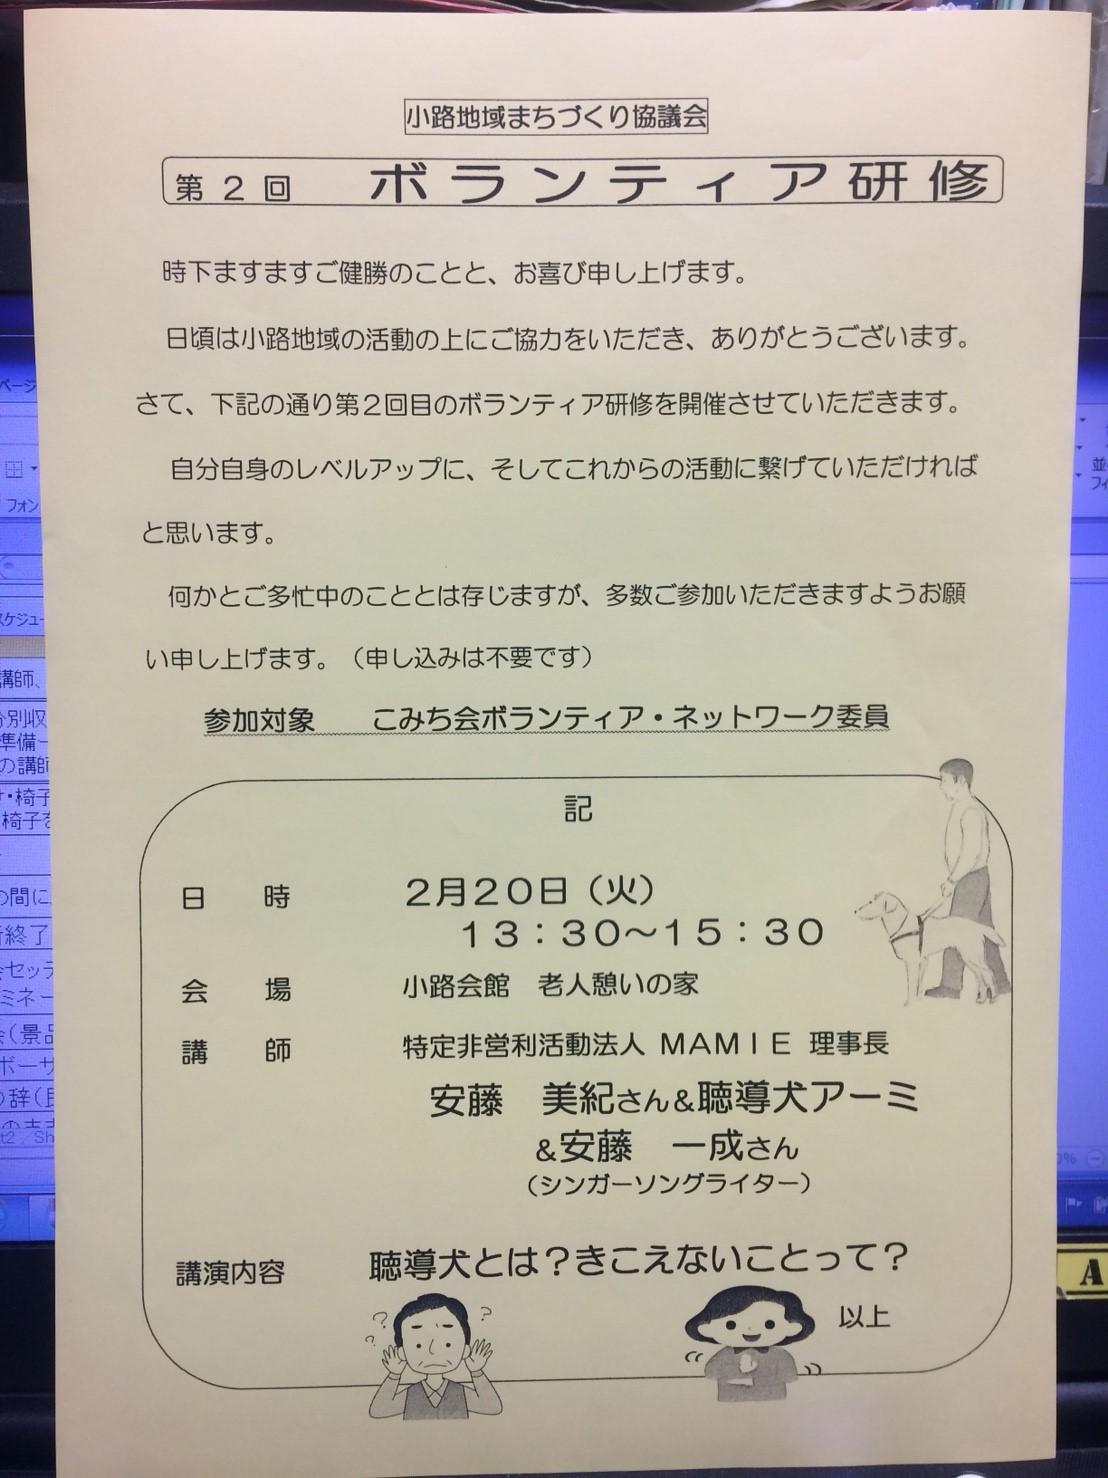 ボランティア研修0004 (2)